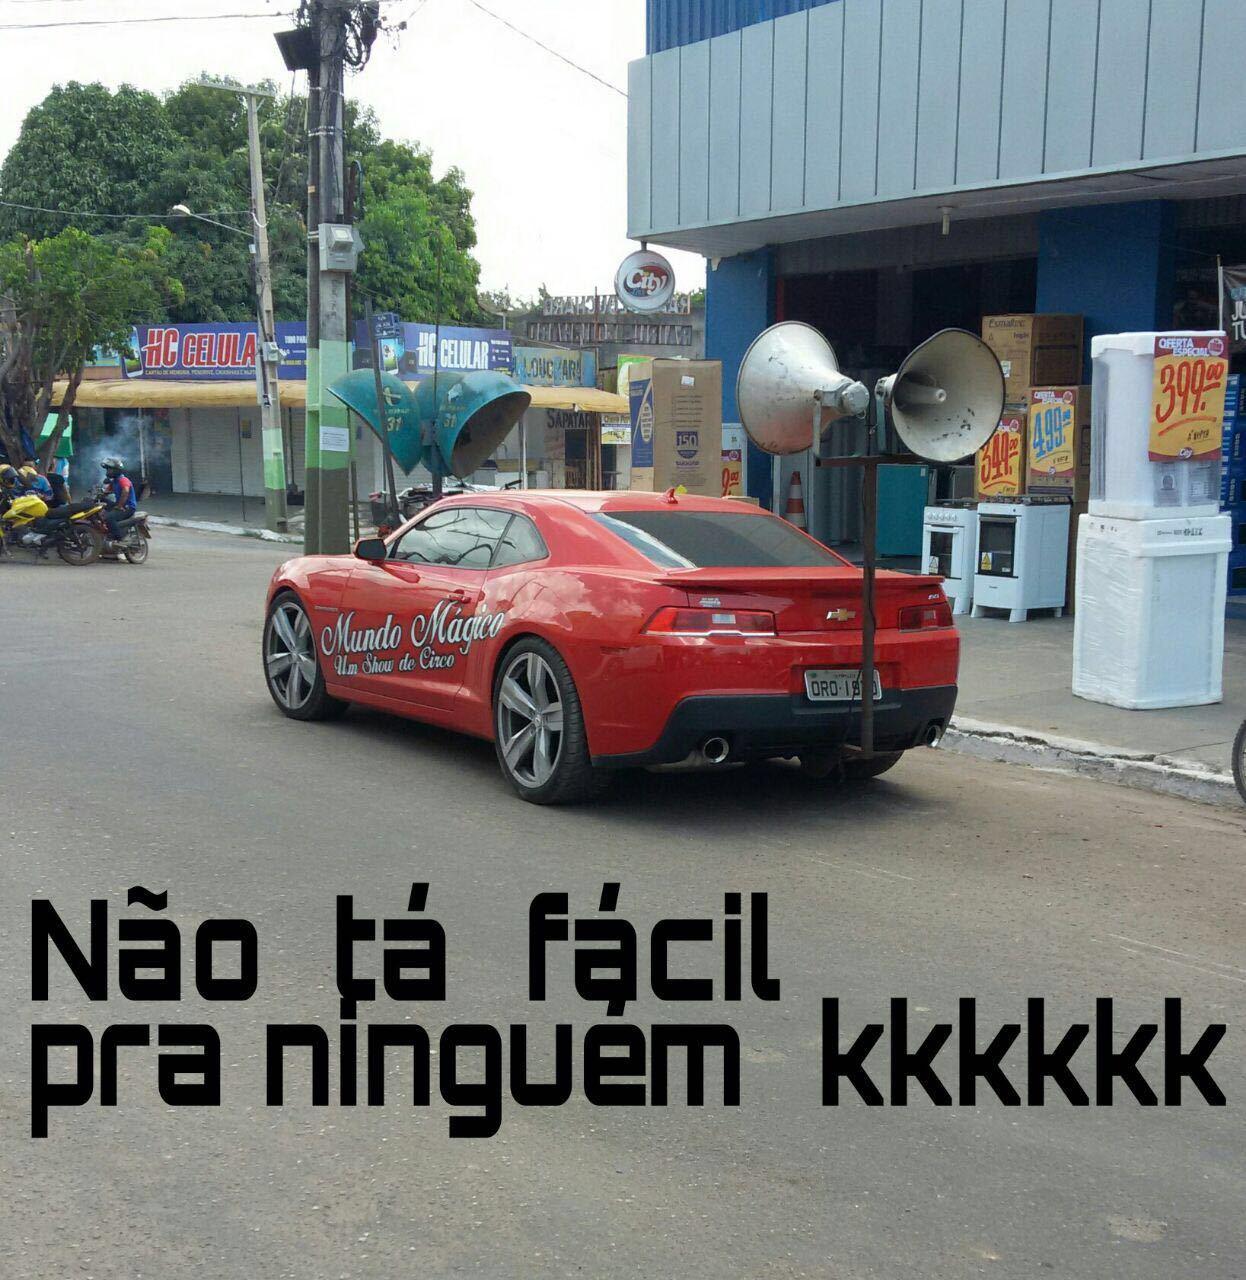 Dilma saiu mas a crise continua - meme